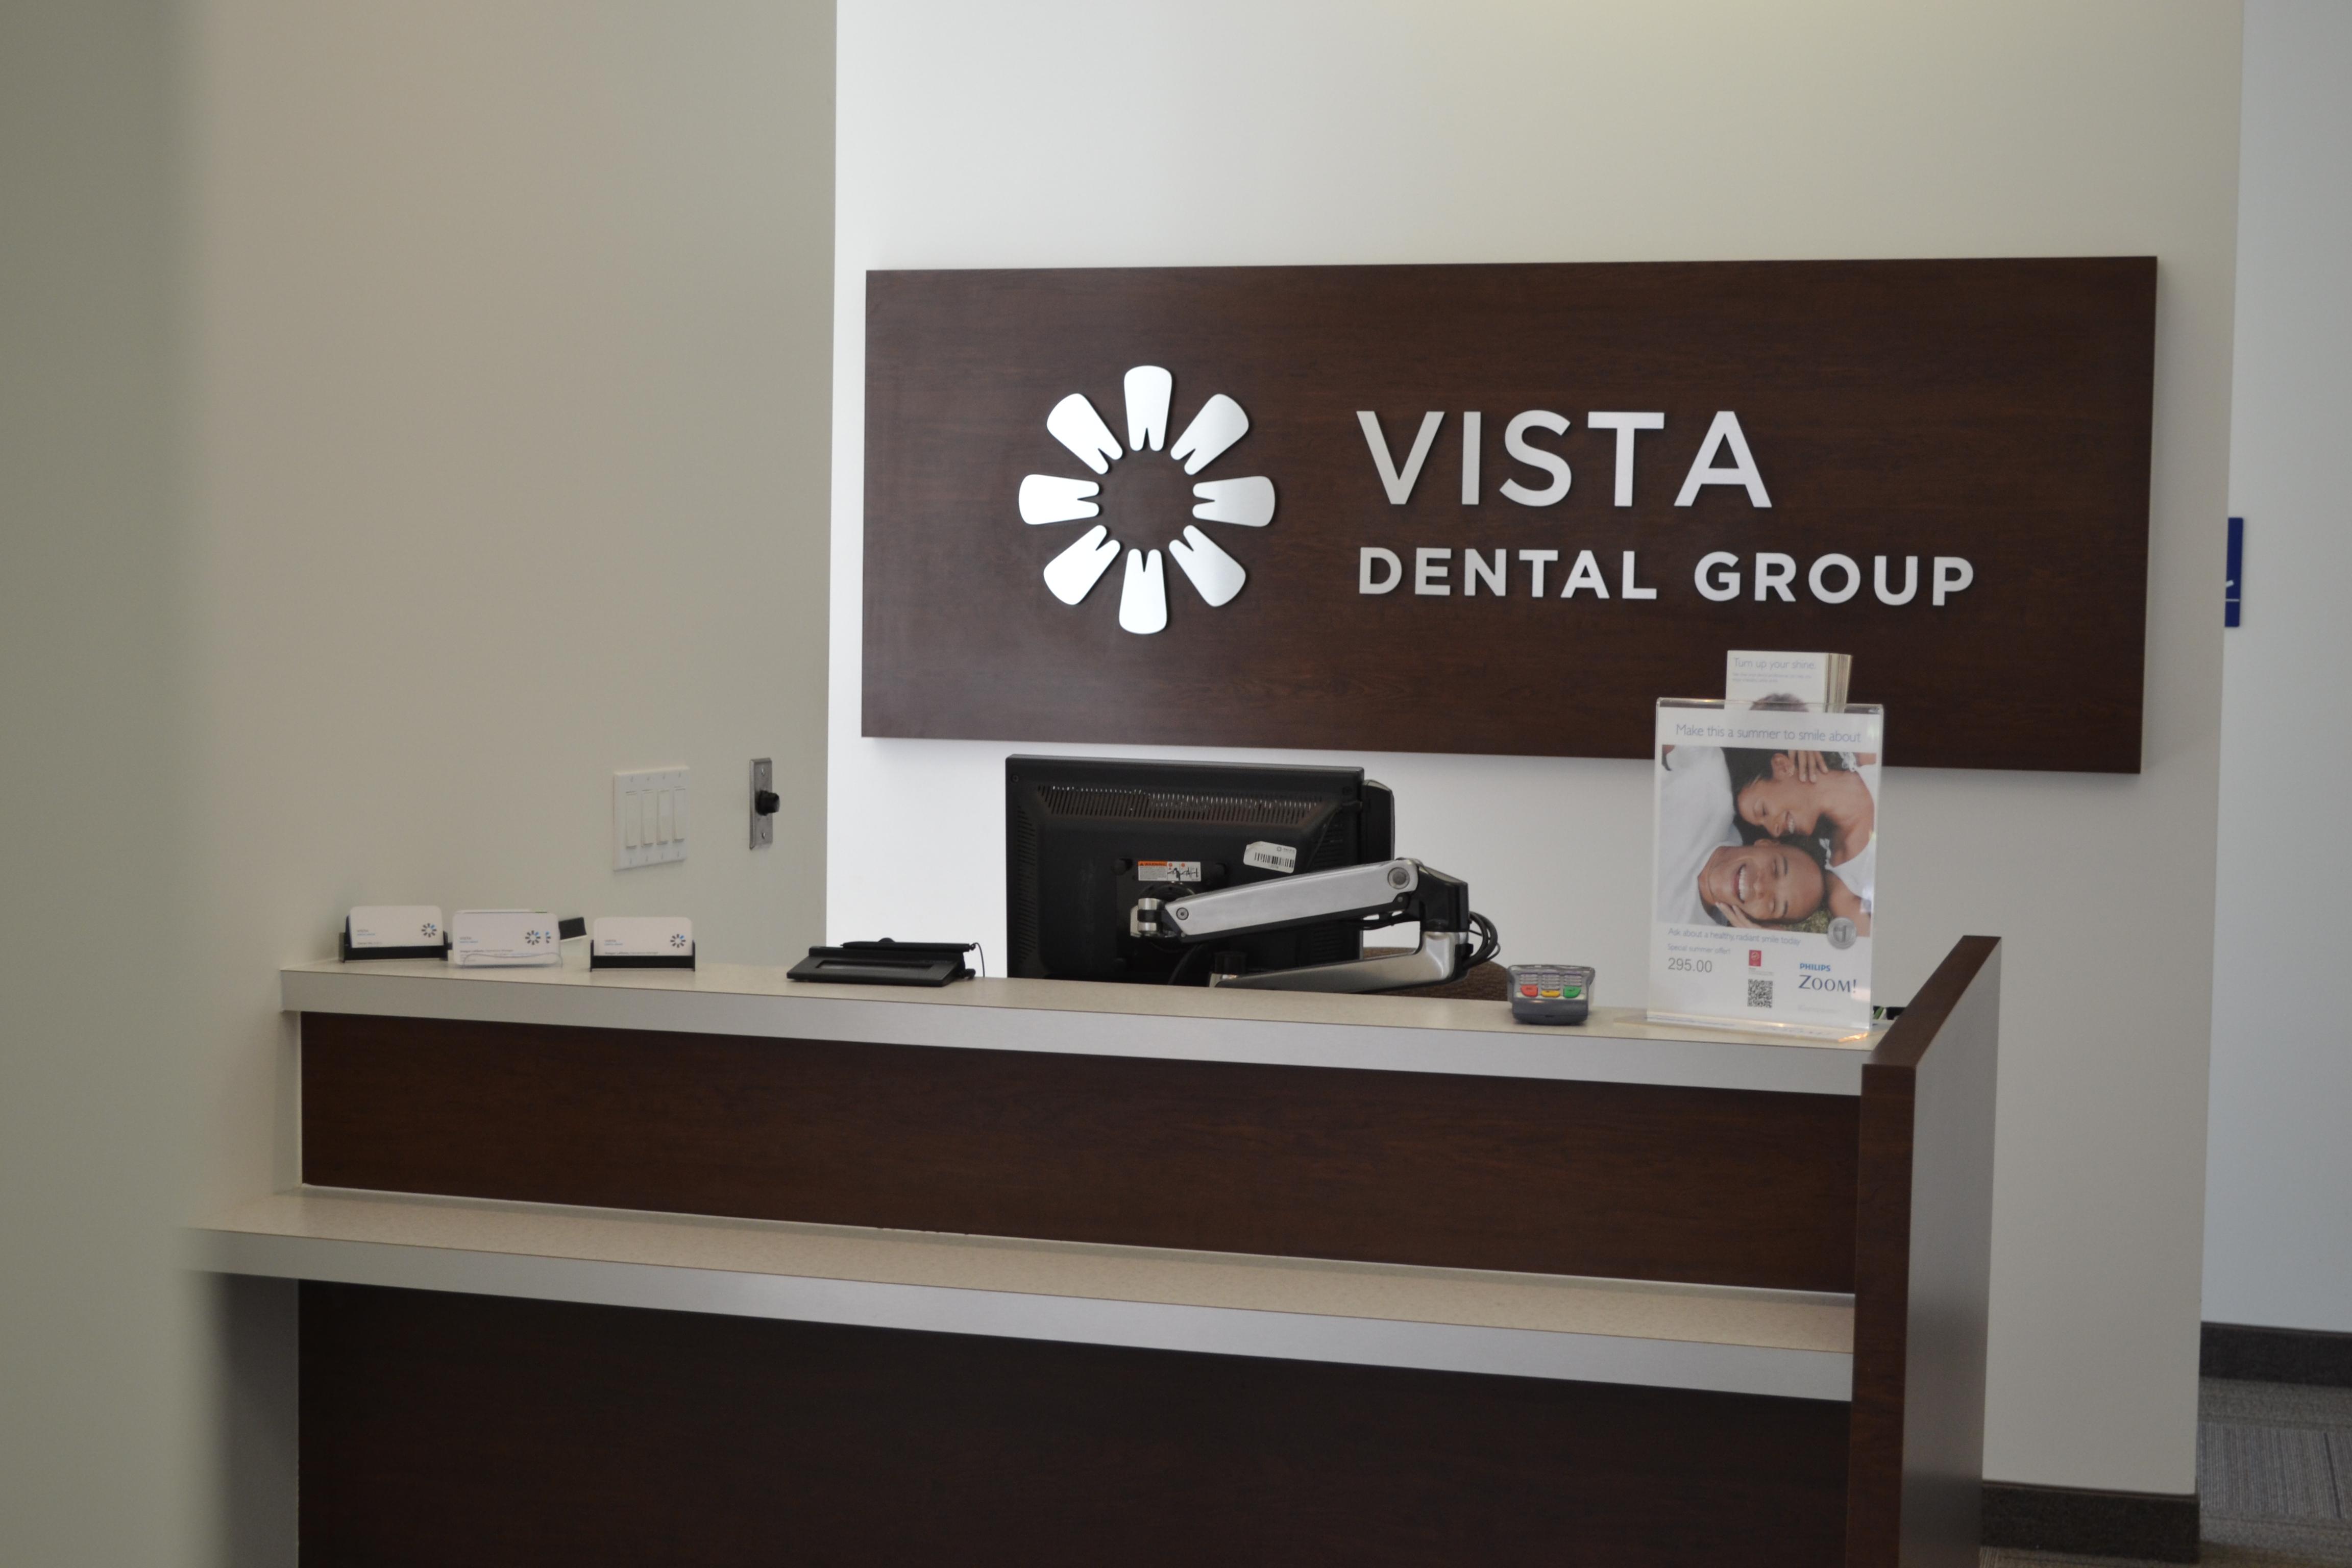 Vista Dental Group image 1